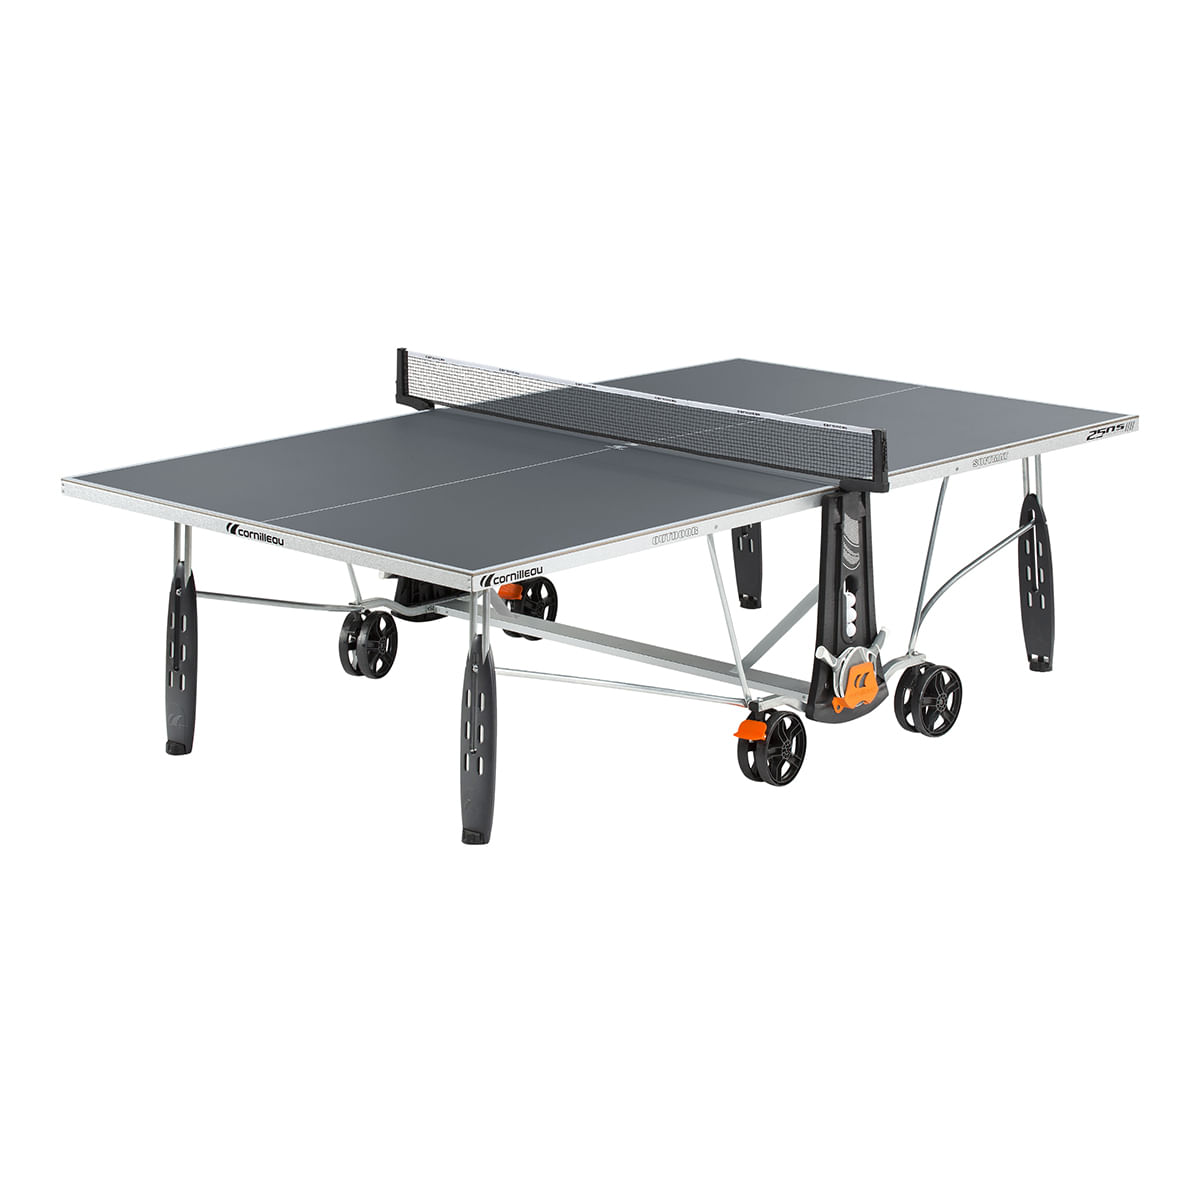 mesa-pingpong-250s